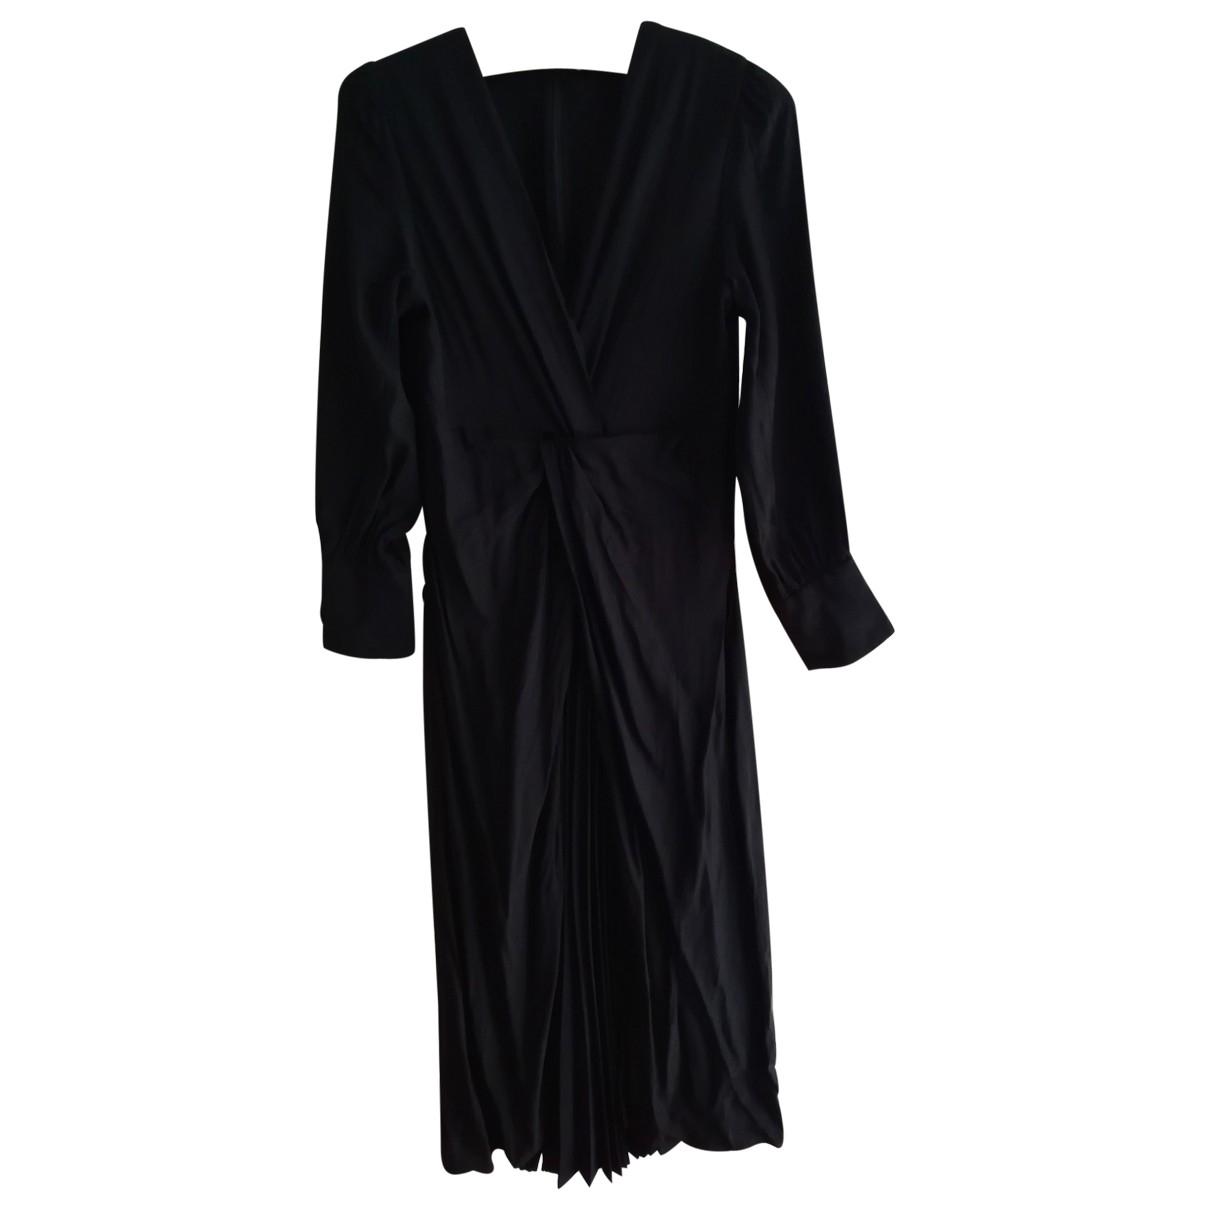 Sandro Fall Winter 2019 Black dress for Women 34 FR